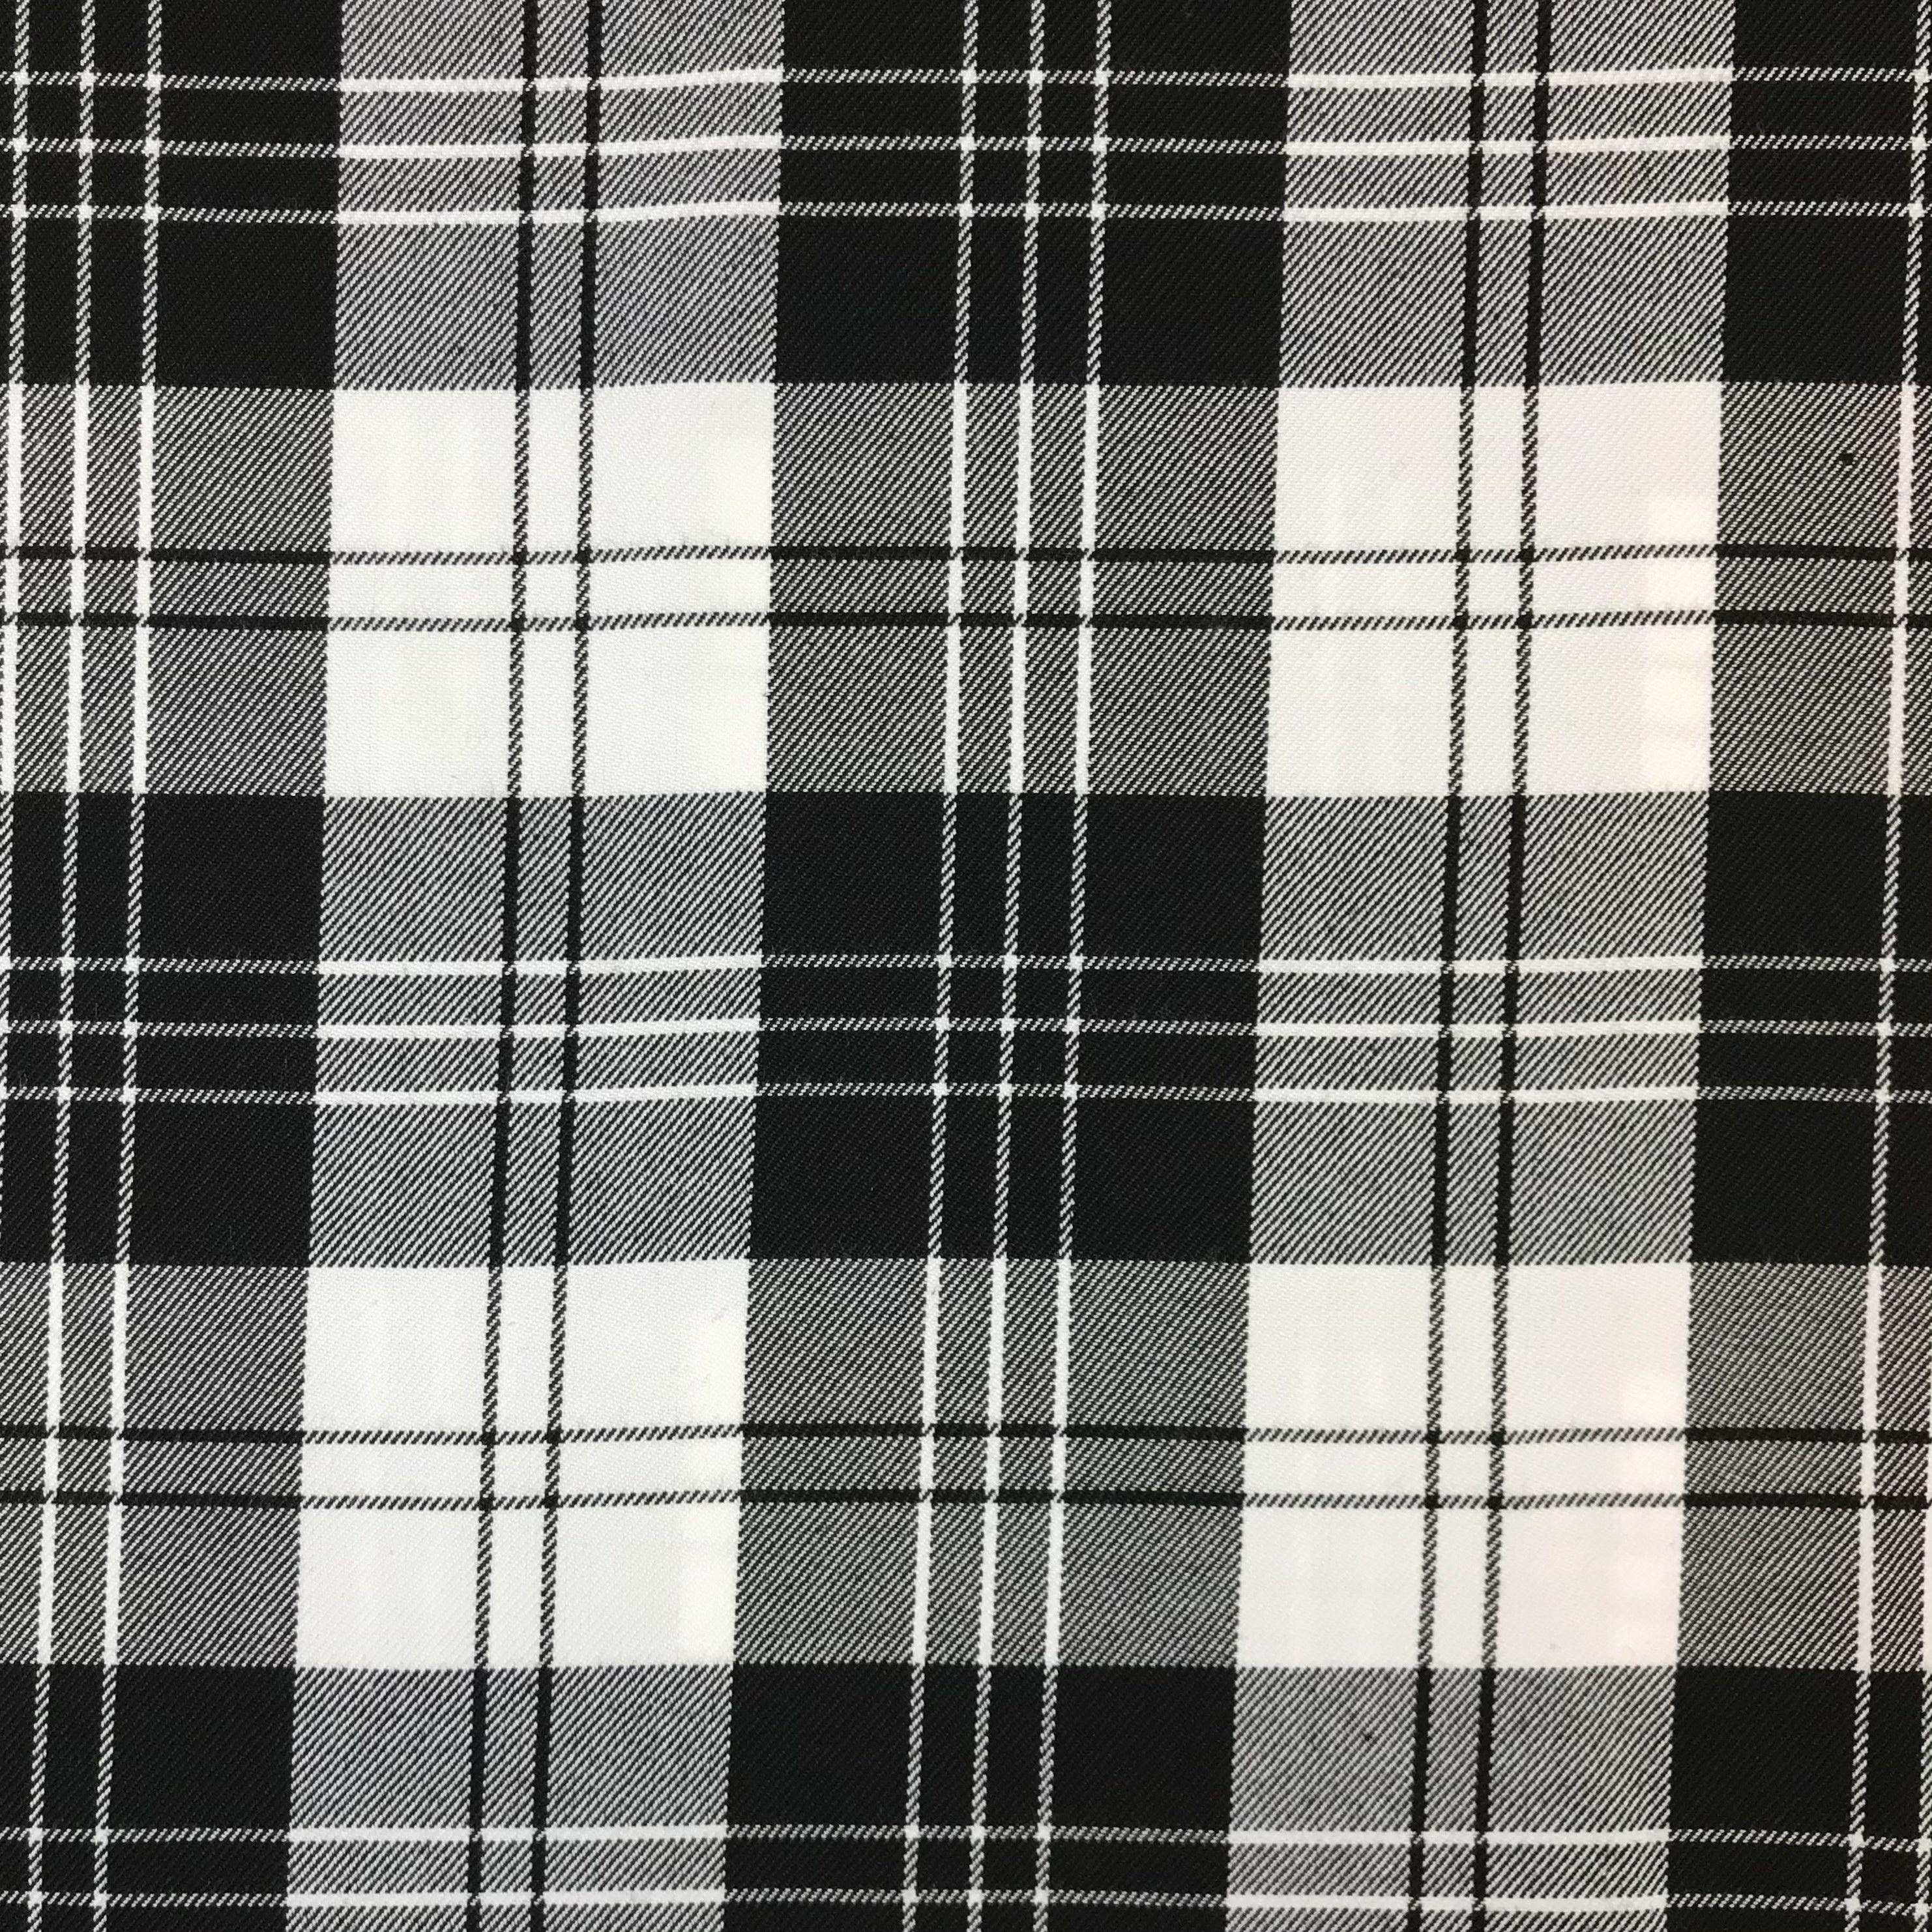 Hosen- & Anzugstoff Viskosenmix, Karos, schwarz/weiß. Art. 05191/004